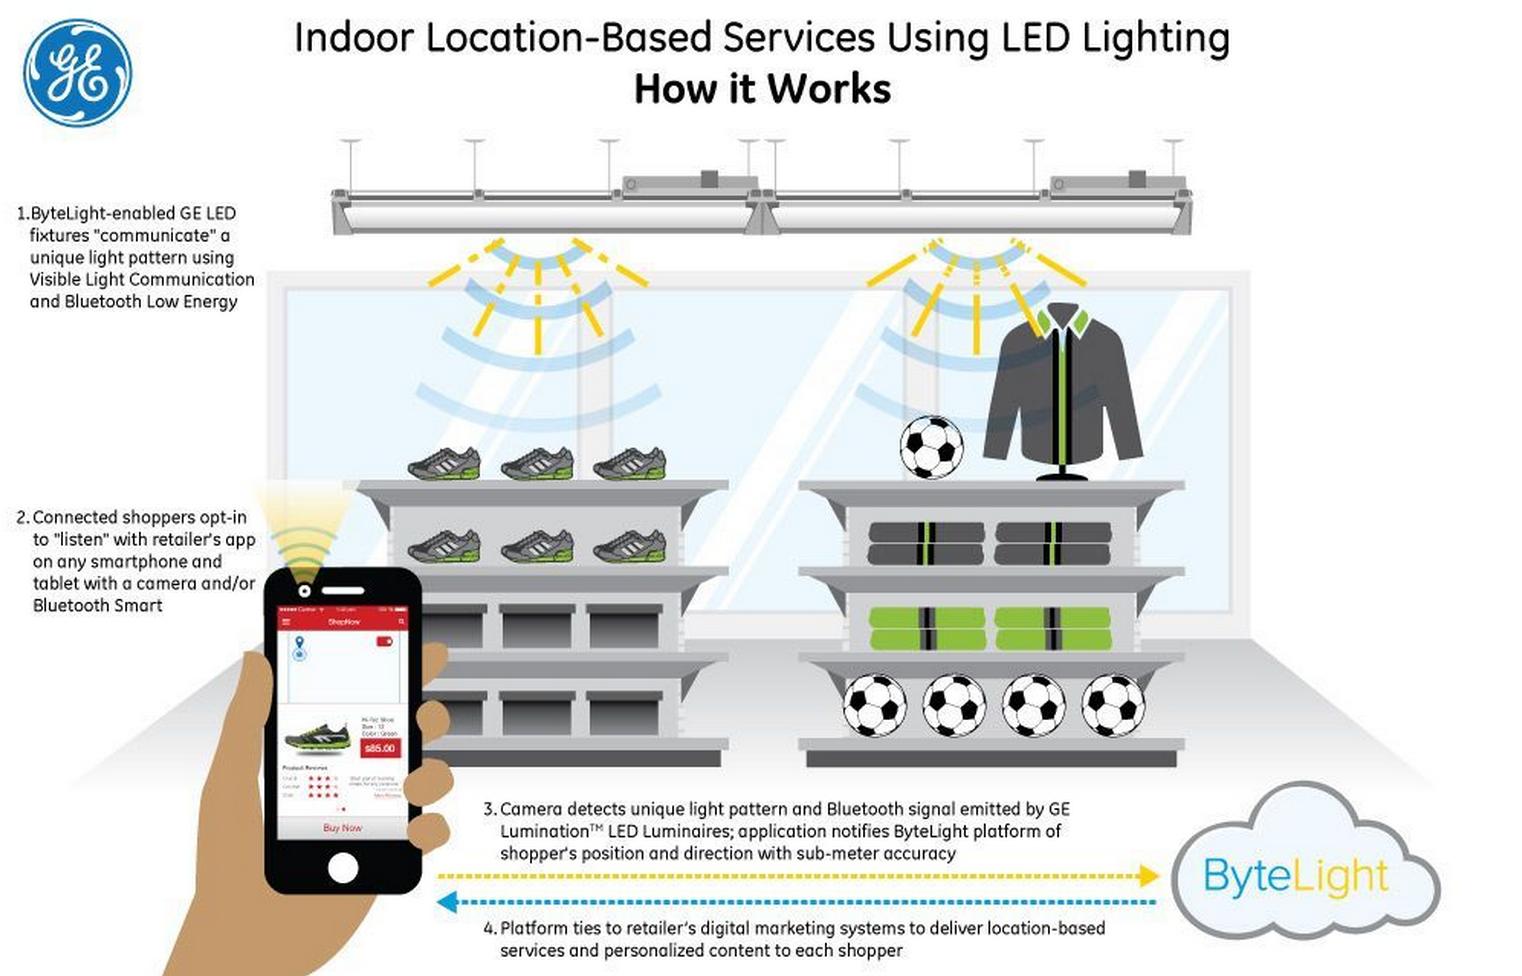 ge-ibeacon-led-lighting-fixture